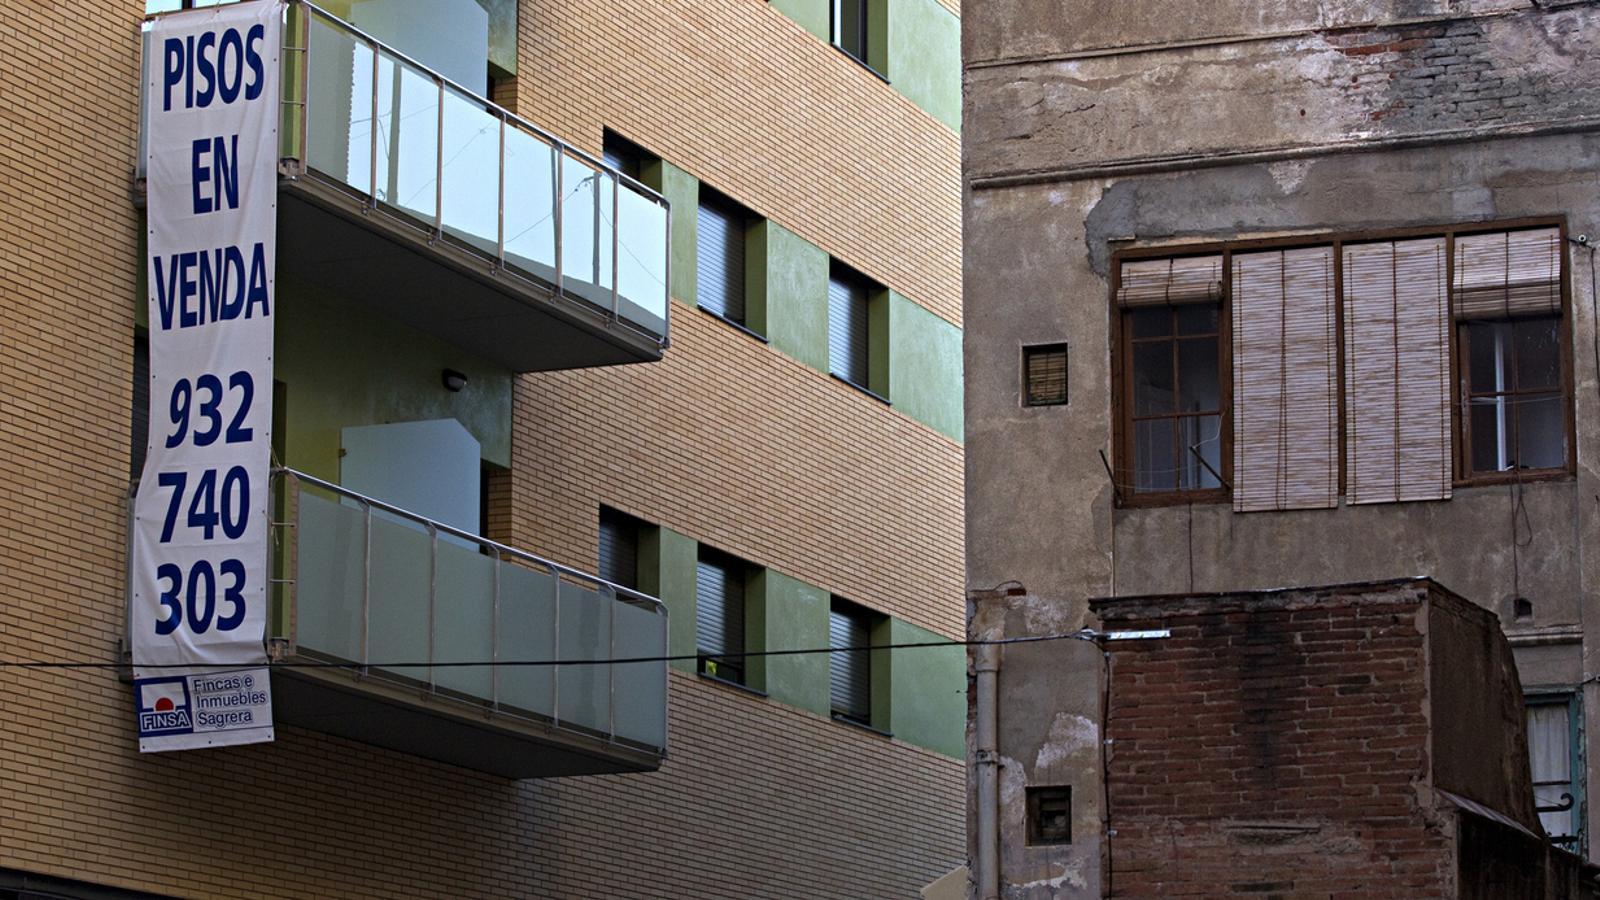 Les Balears encapçalen la pujada de la compravenda d'habitatges el novembre amb un 32,8%